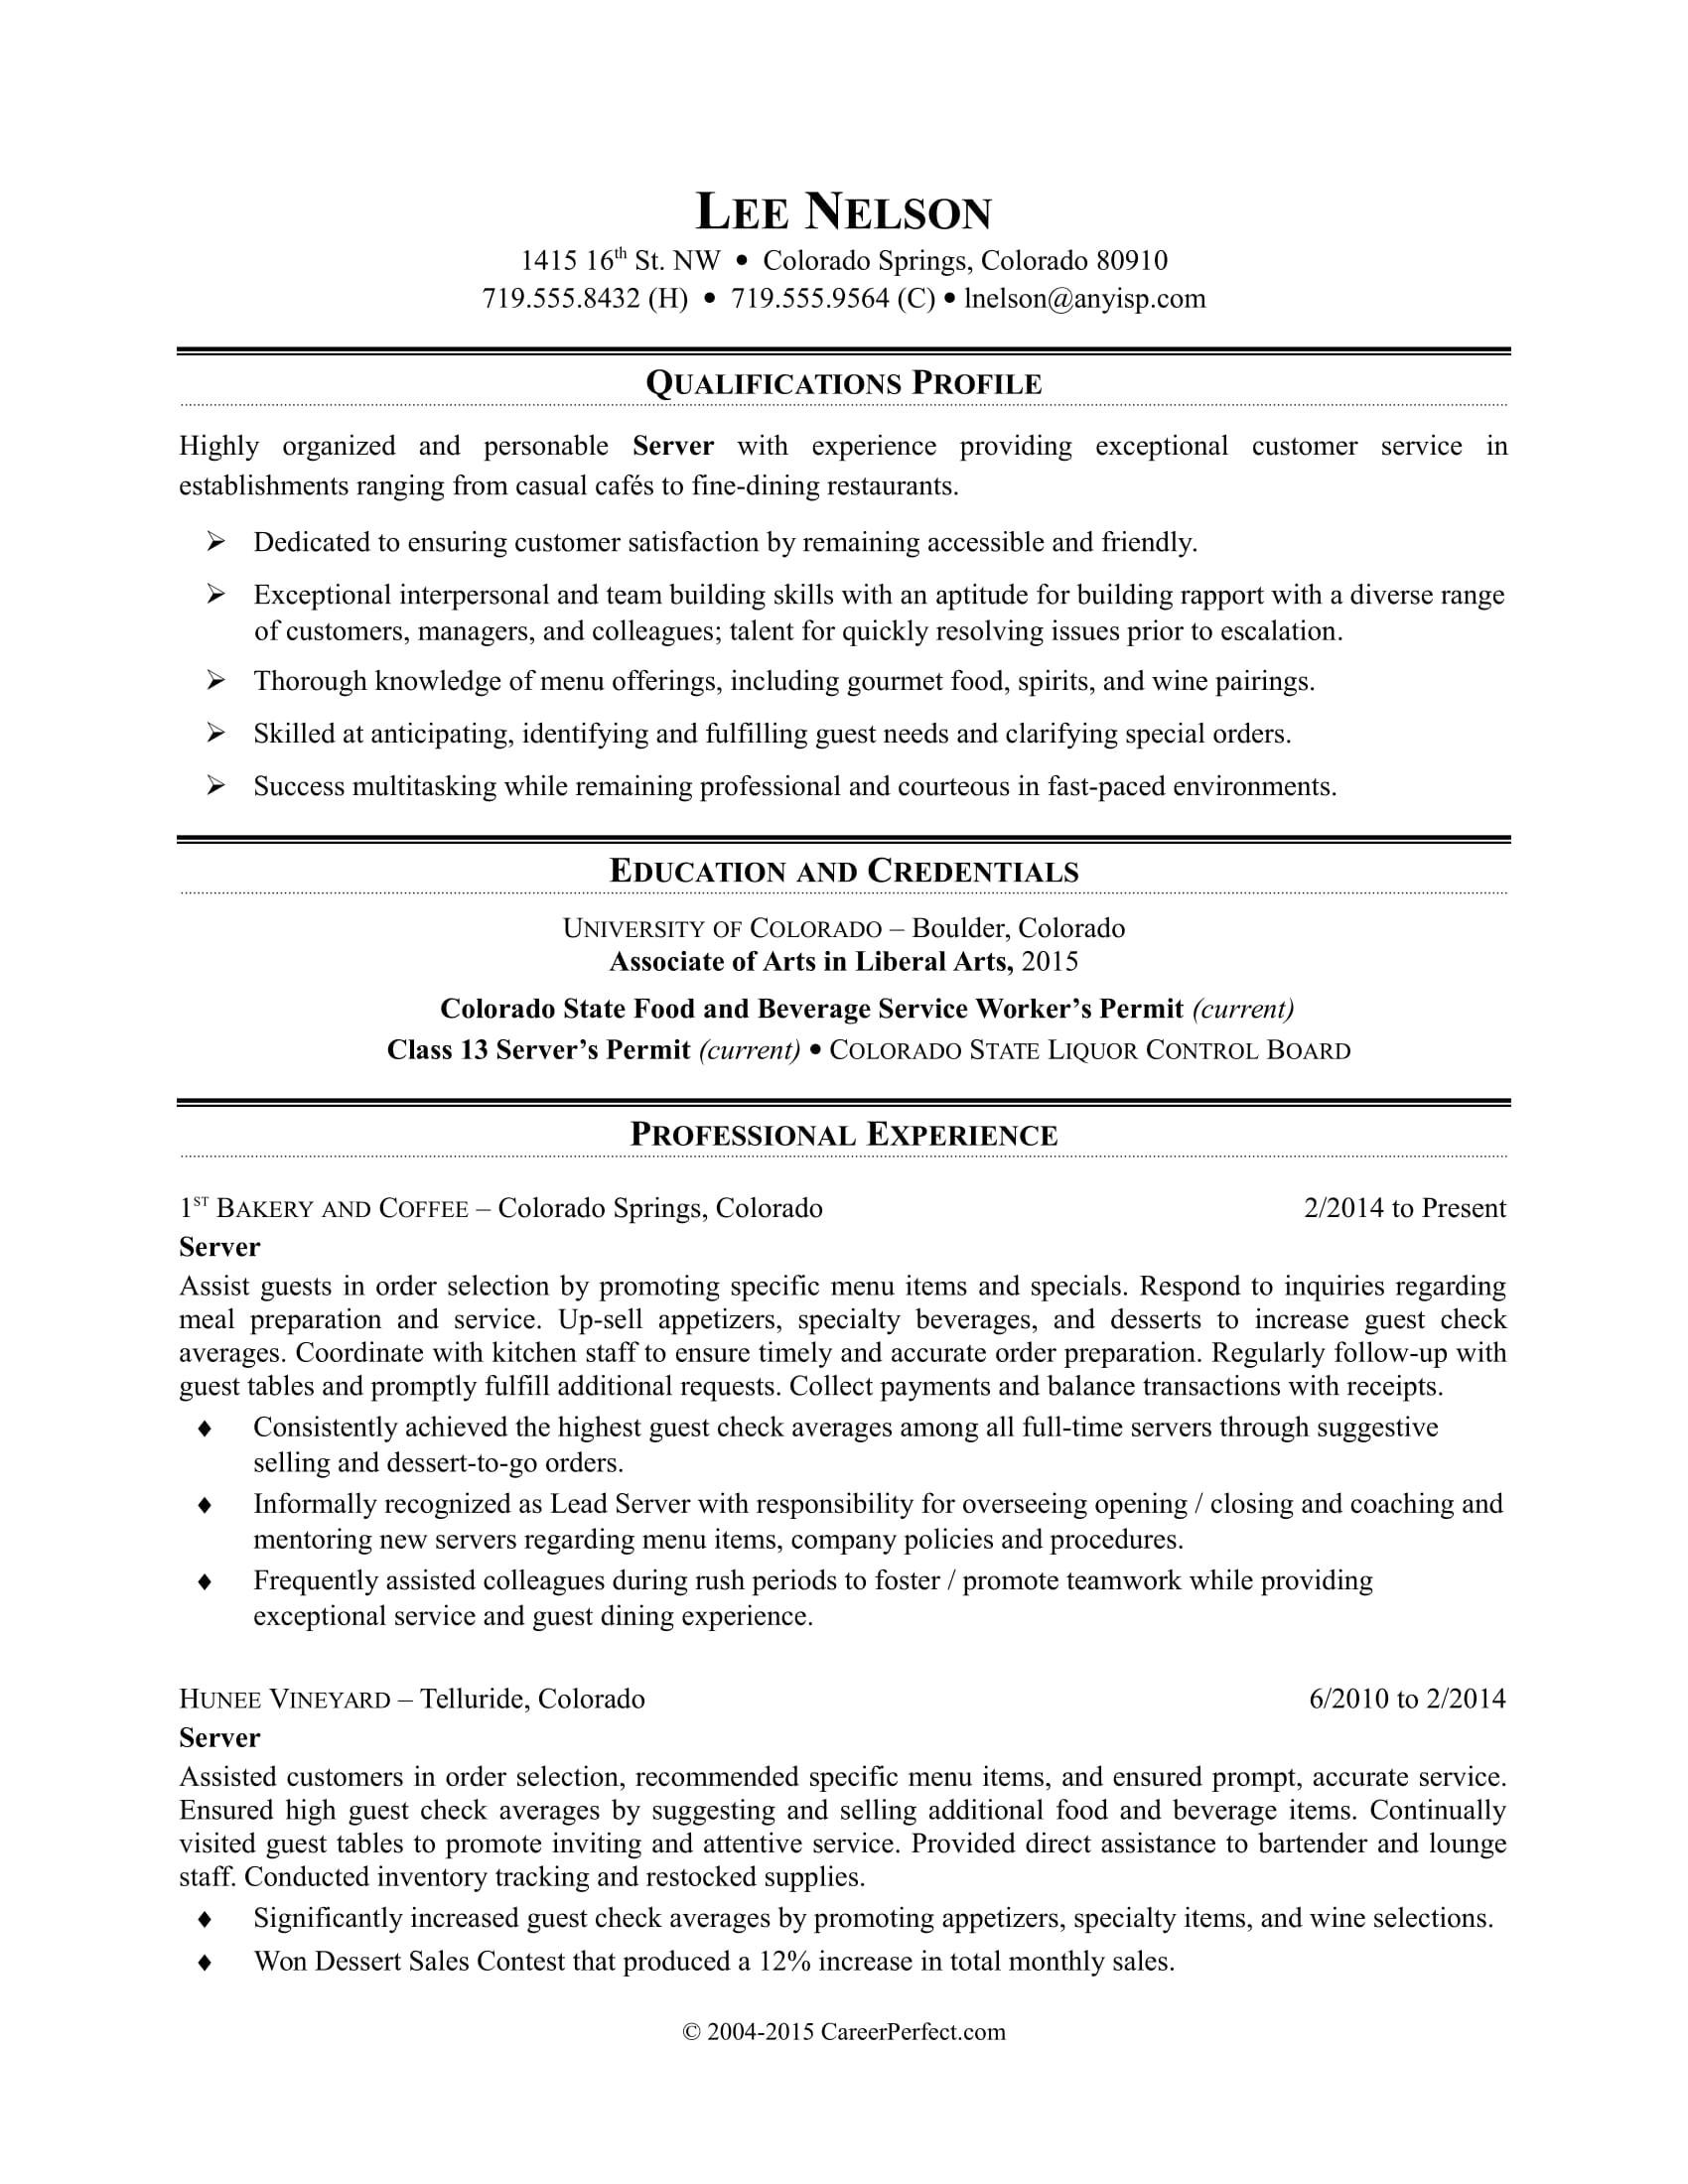 sample resume restaurant server